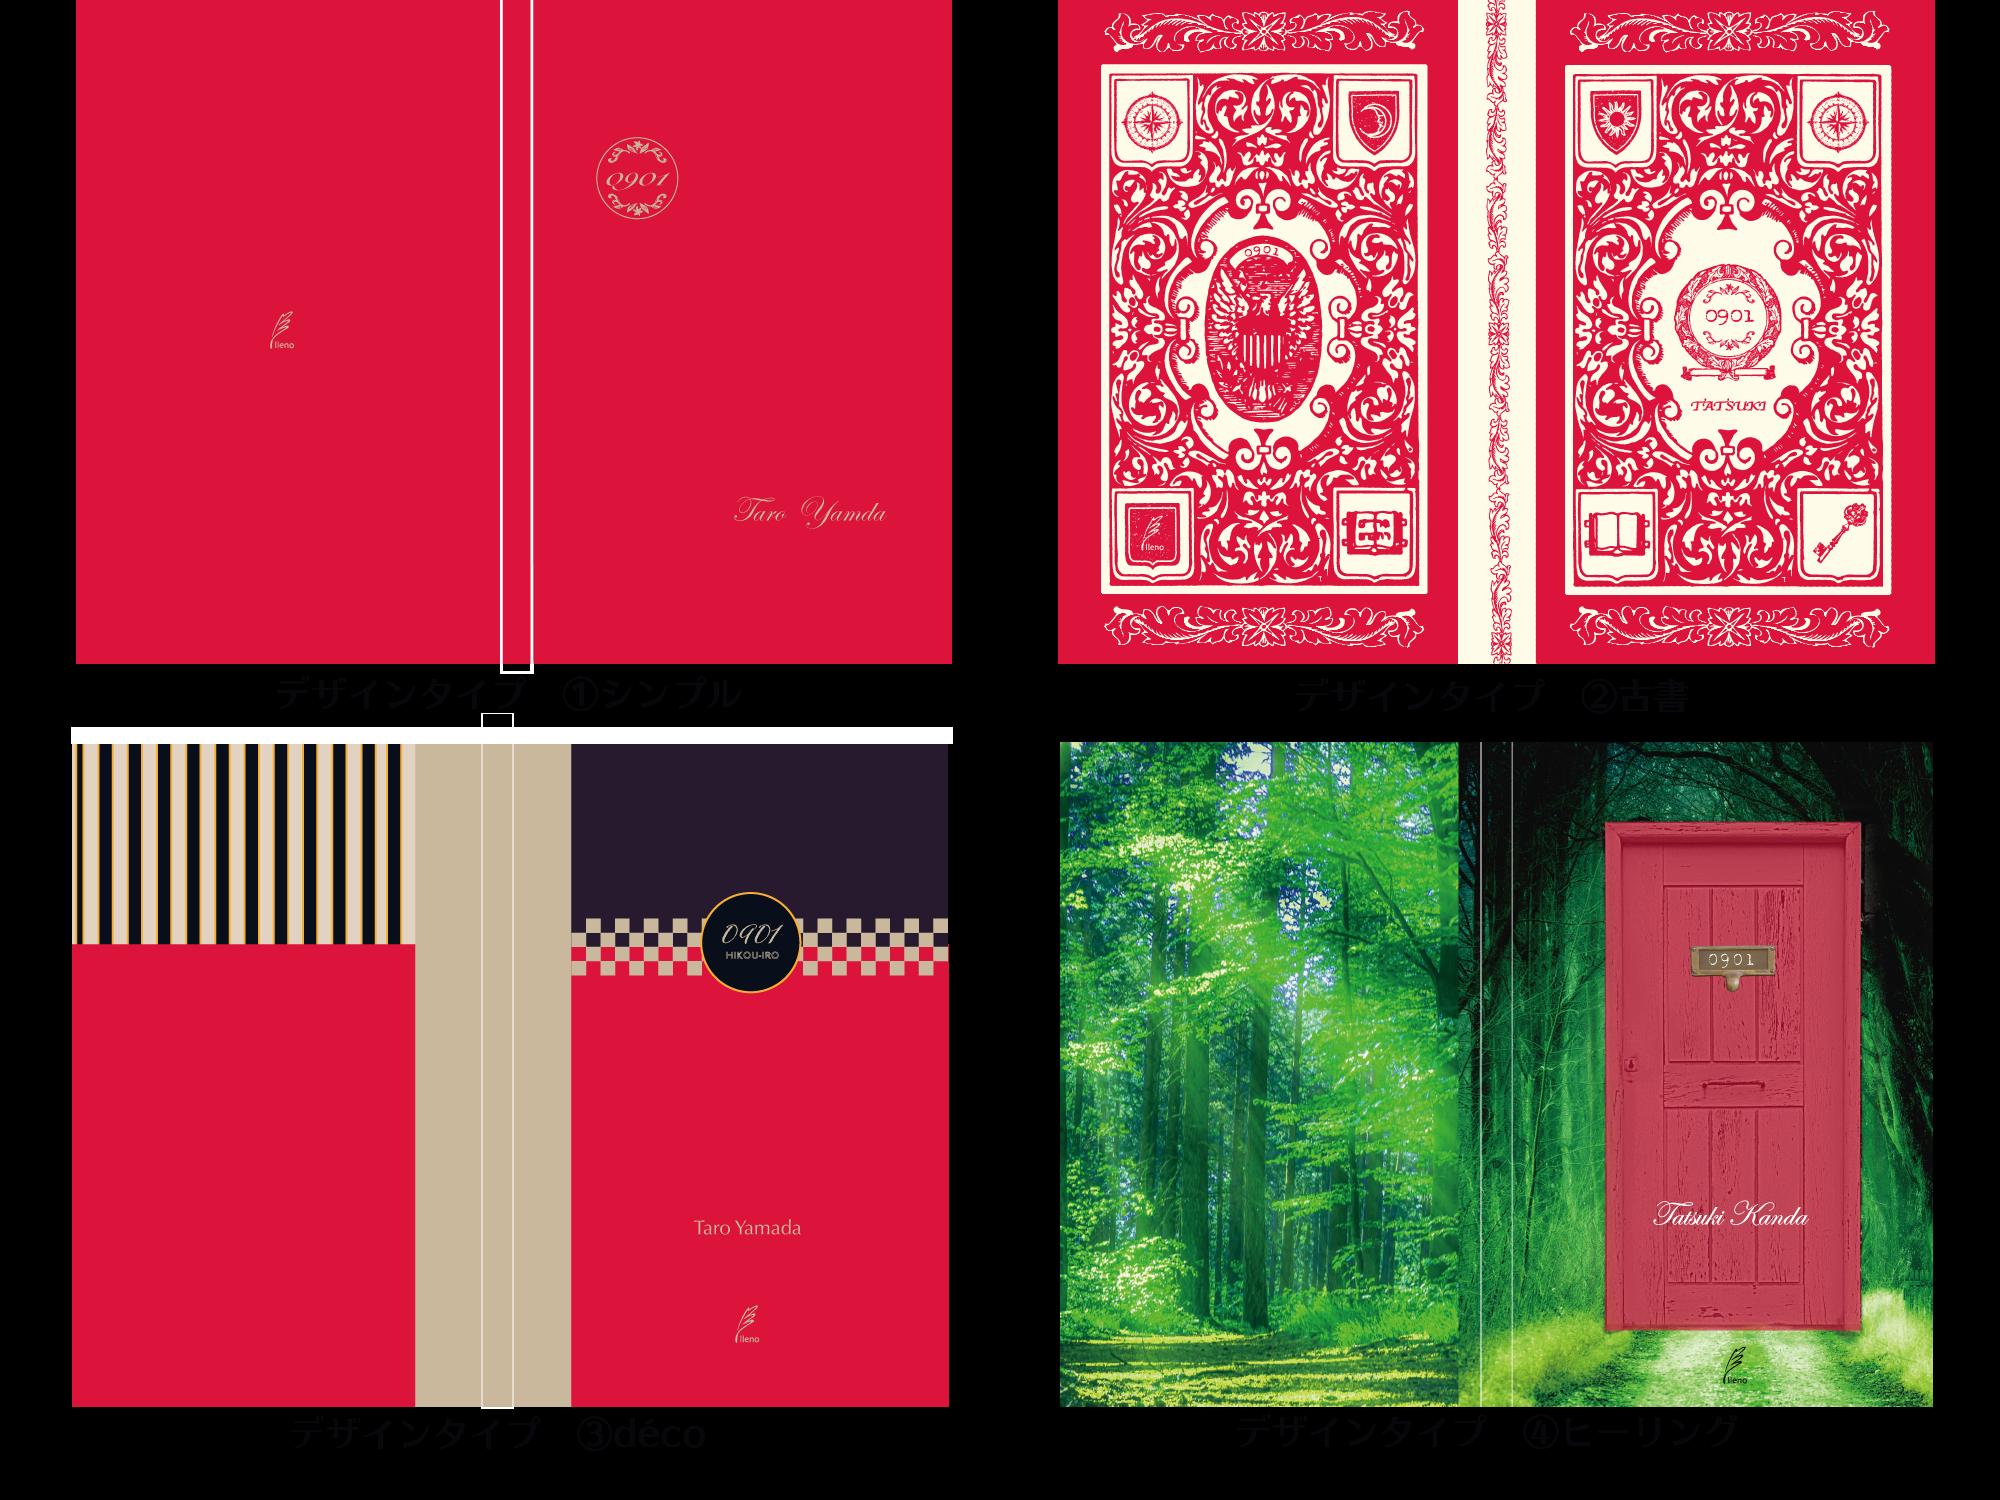 運命のノート『9月1日 緋紅色』(鑑定&メッセージカード付)